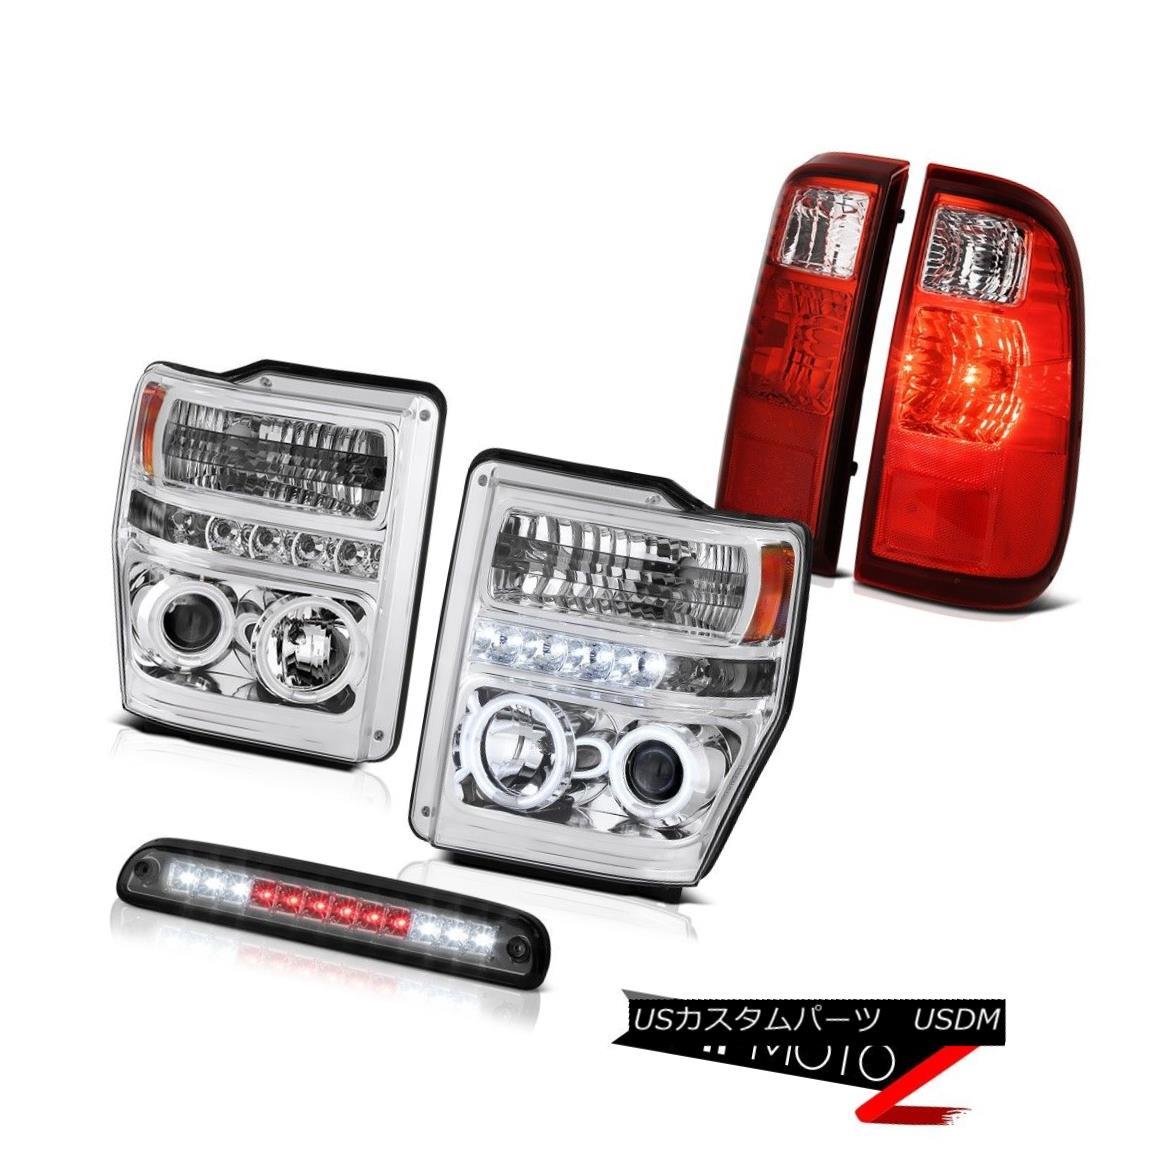 テールライト CCFL Halo Headlights Third Brake Cargo LED Red Signal Tail Lights 08 09 10 F250 CCFL Haloヘッドライト第3ブレーキ貨物LEDレッド信号テールライト08 09 10 F250